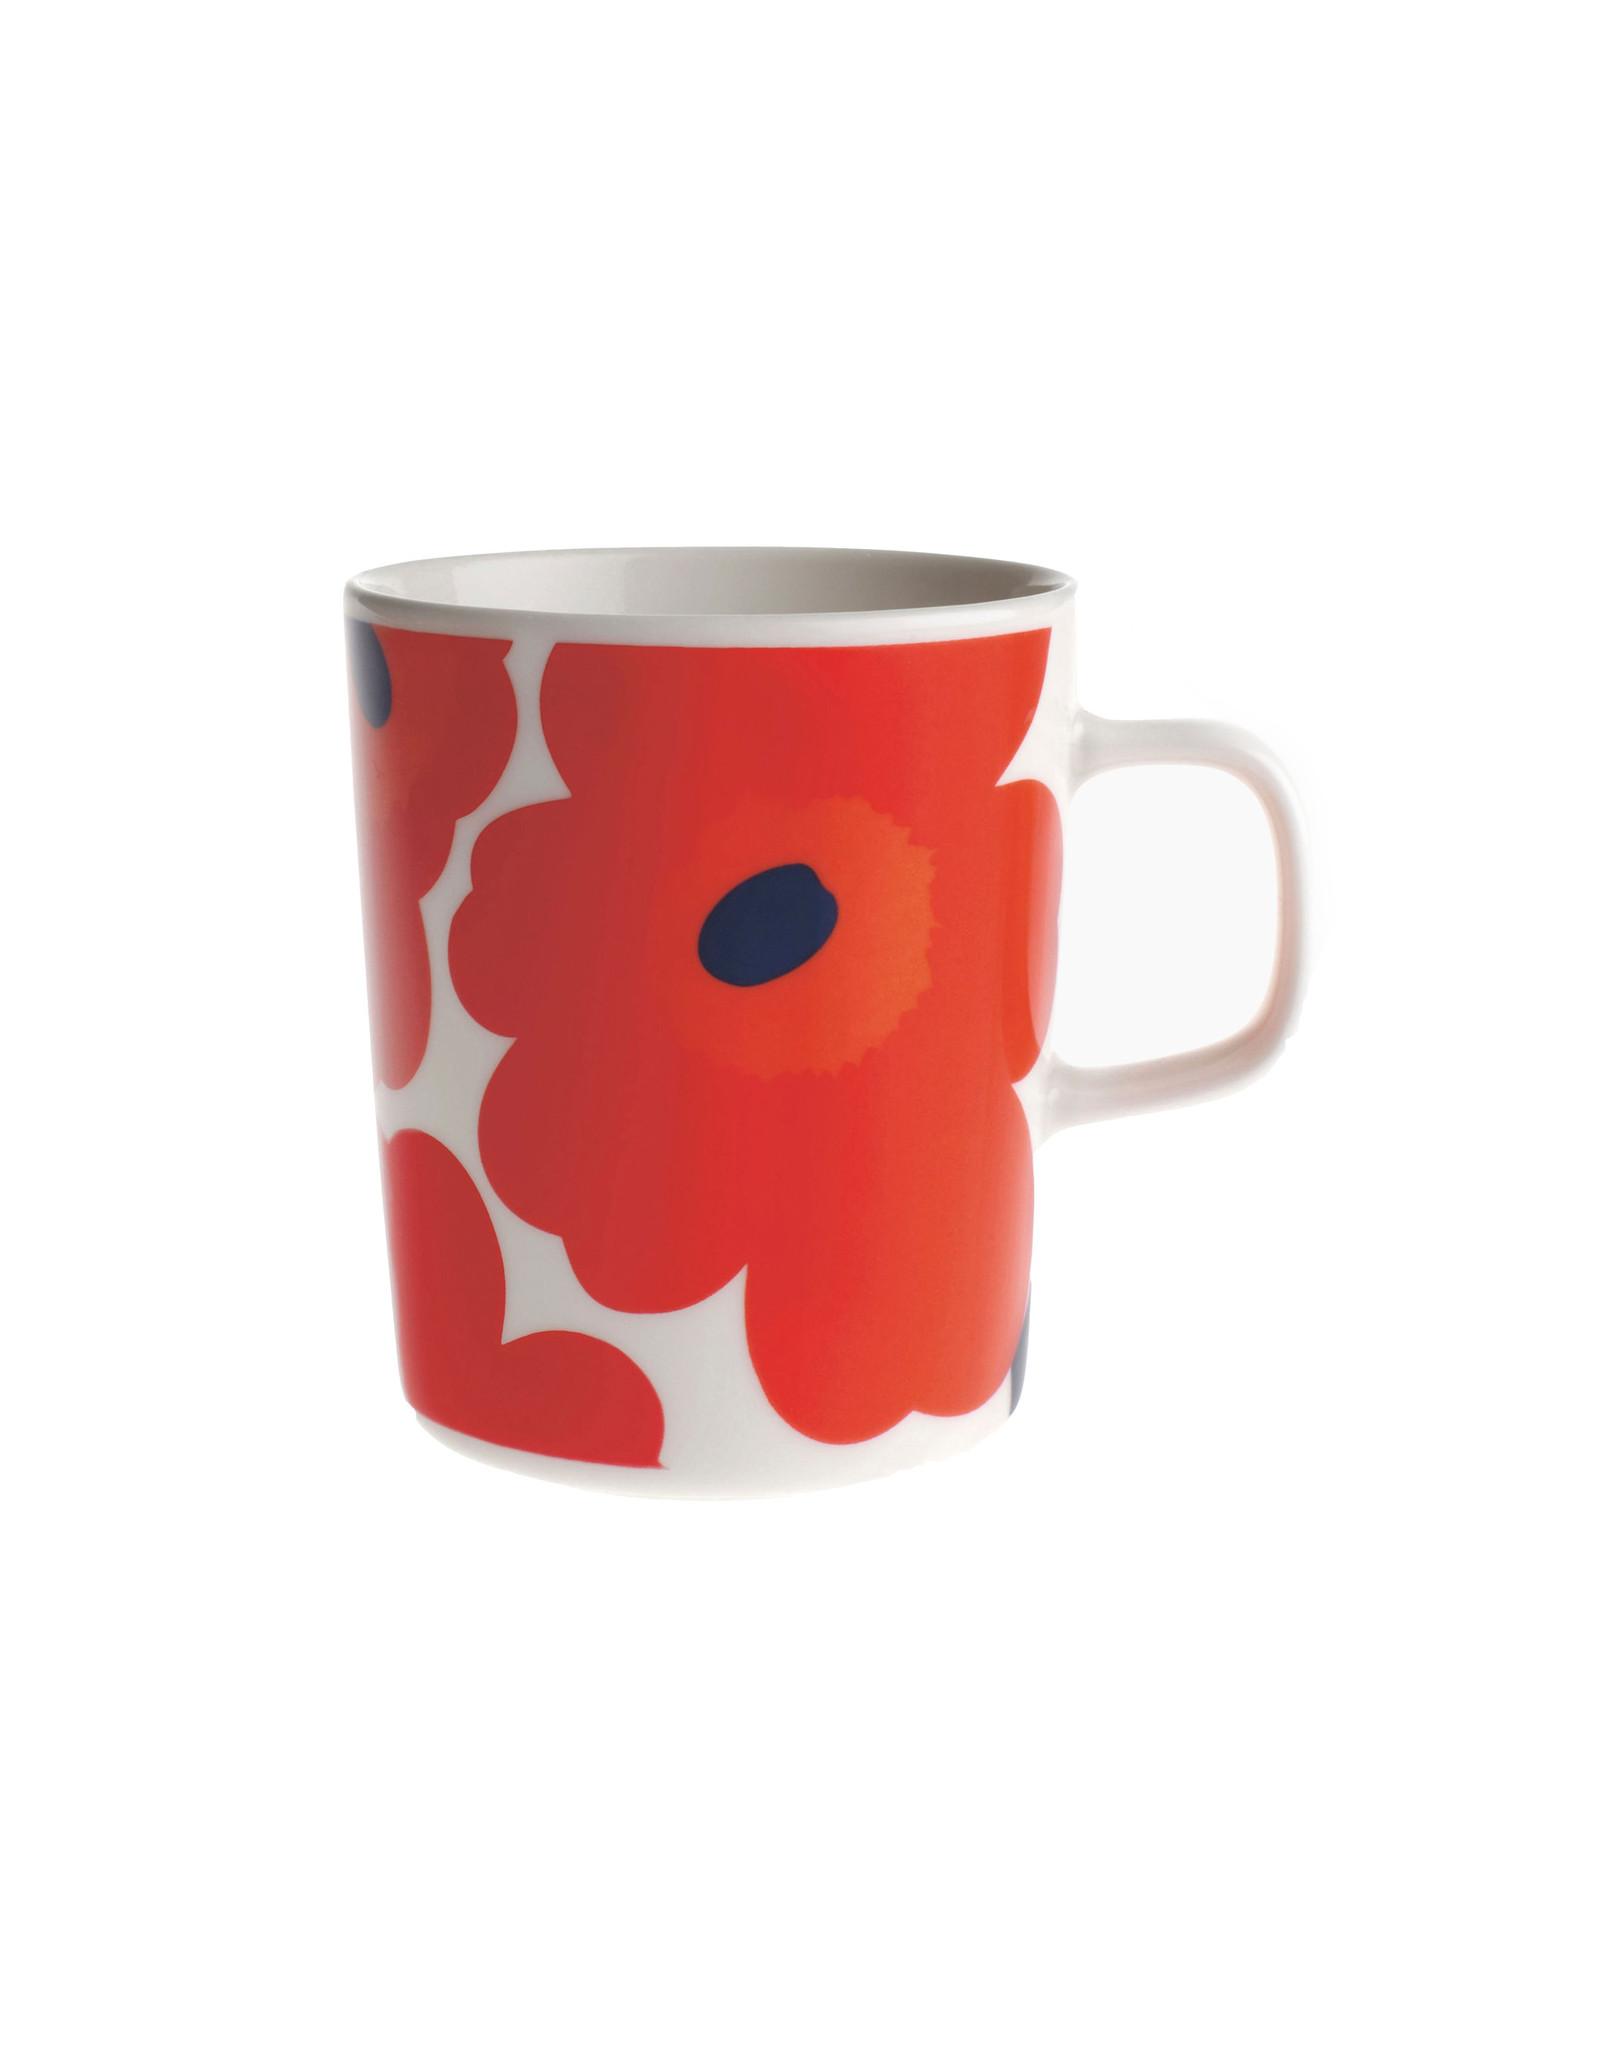 Marimekko 2.5 Mug, Unikko Red